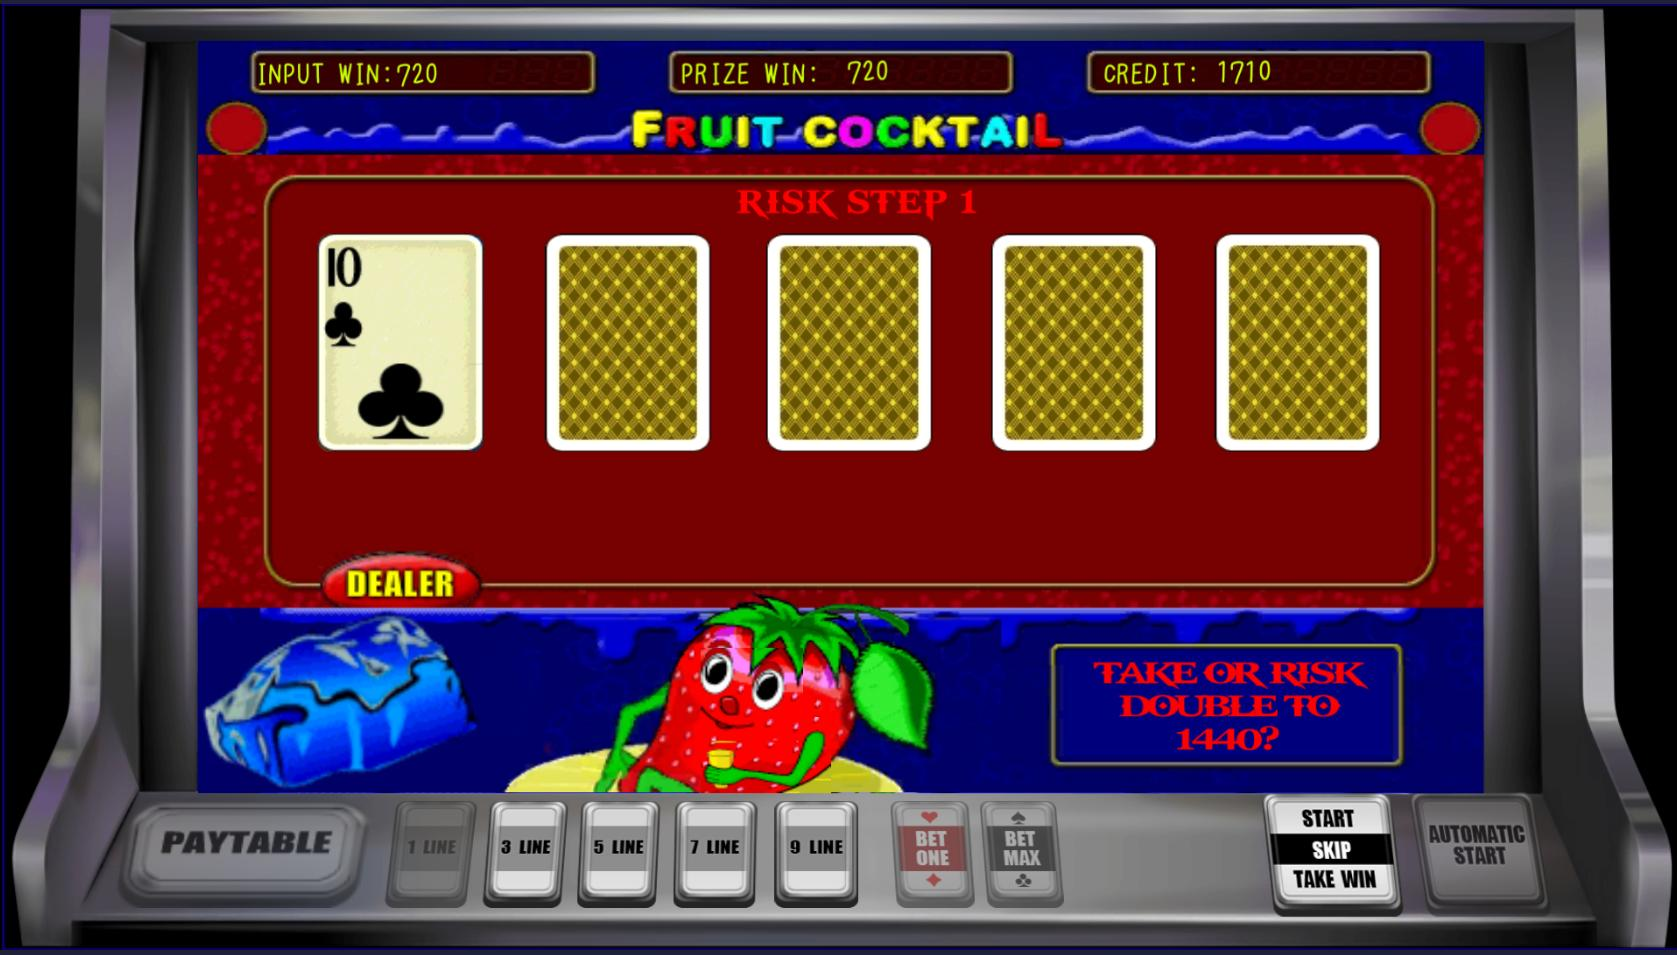 Игровые автоматы клубничка.mp3 казино смотреть онлайн гоблин в хорошем качестве